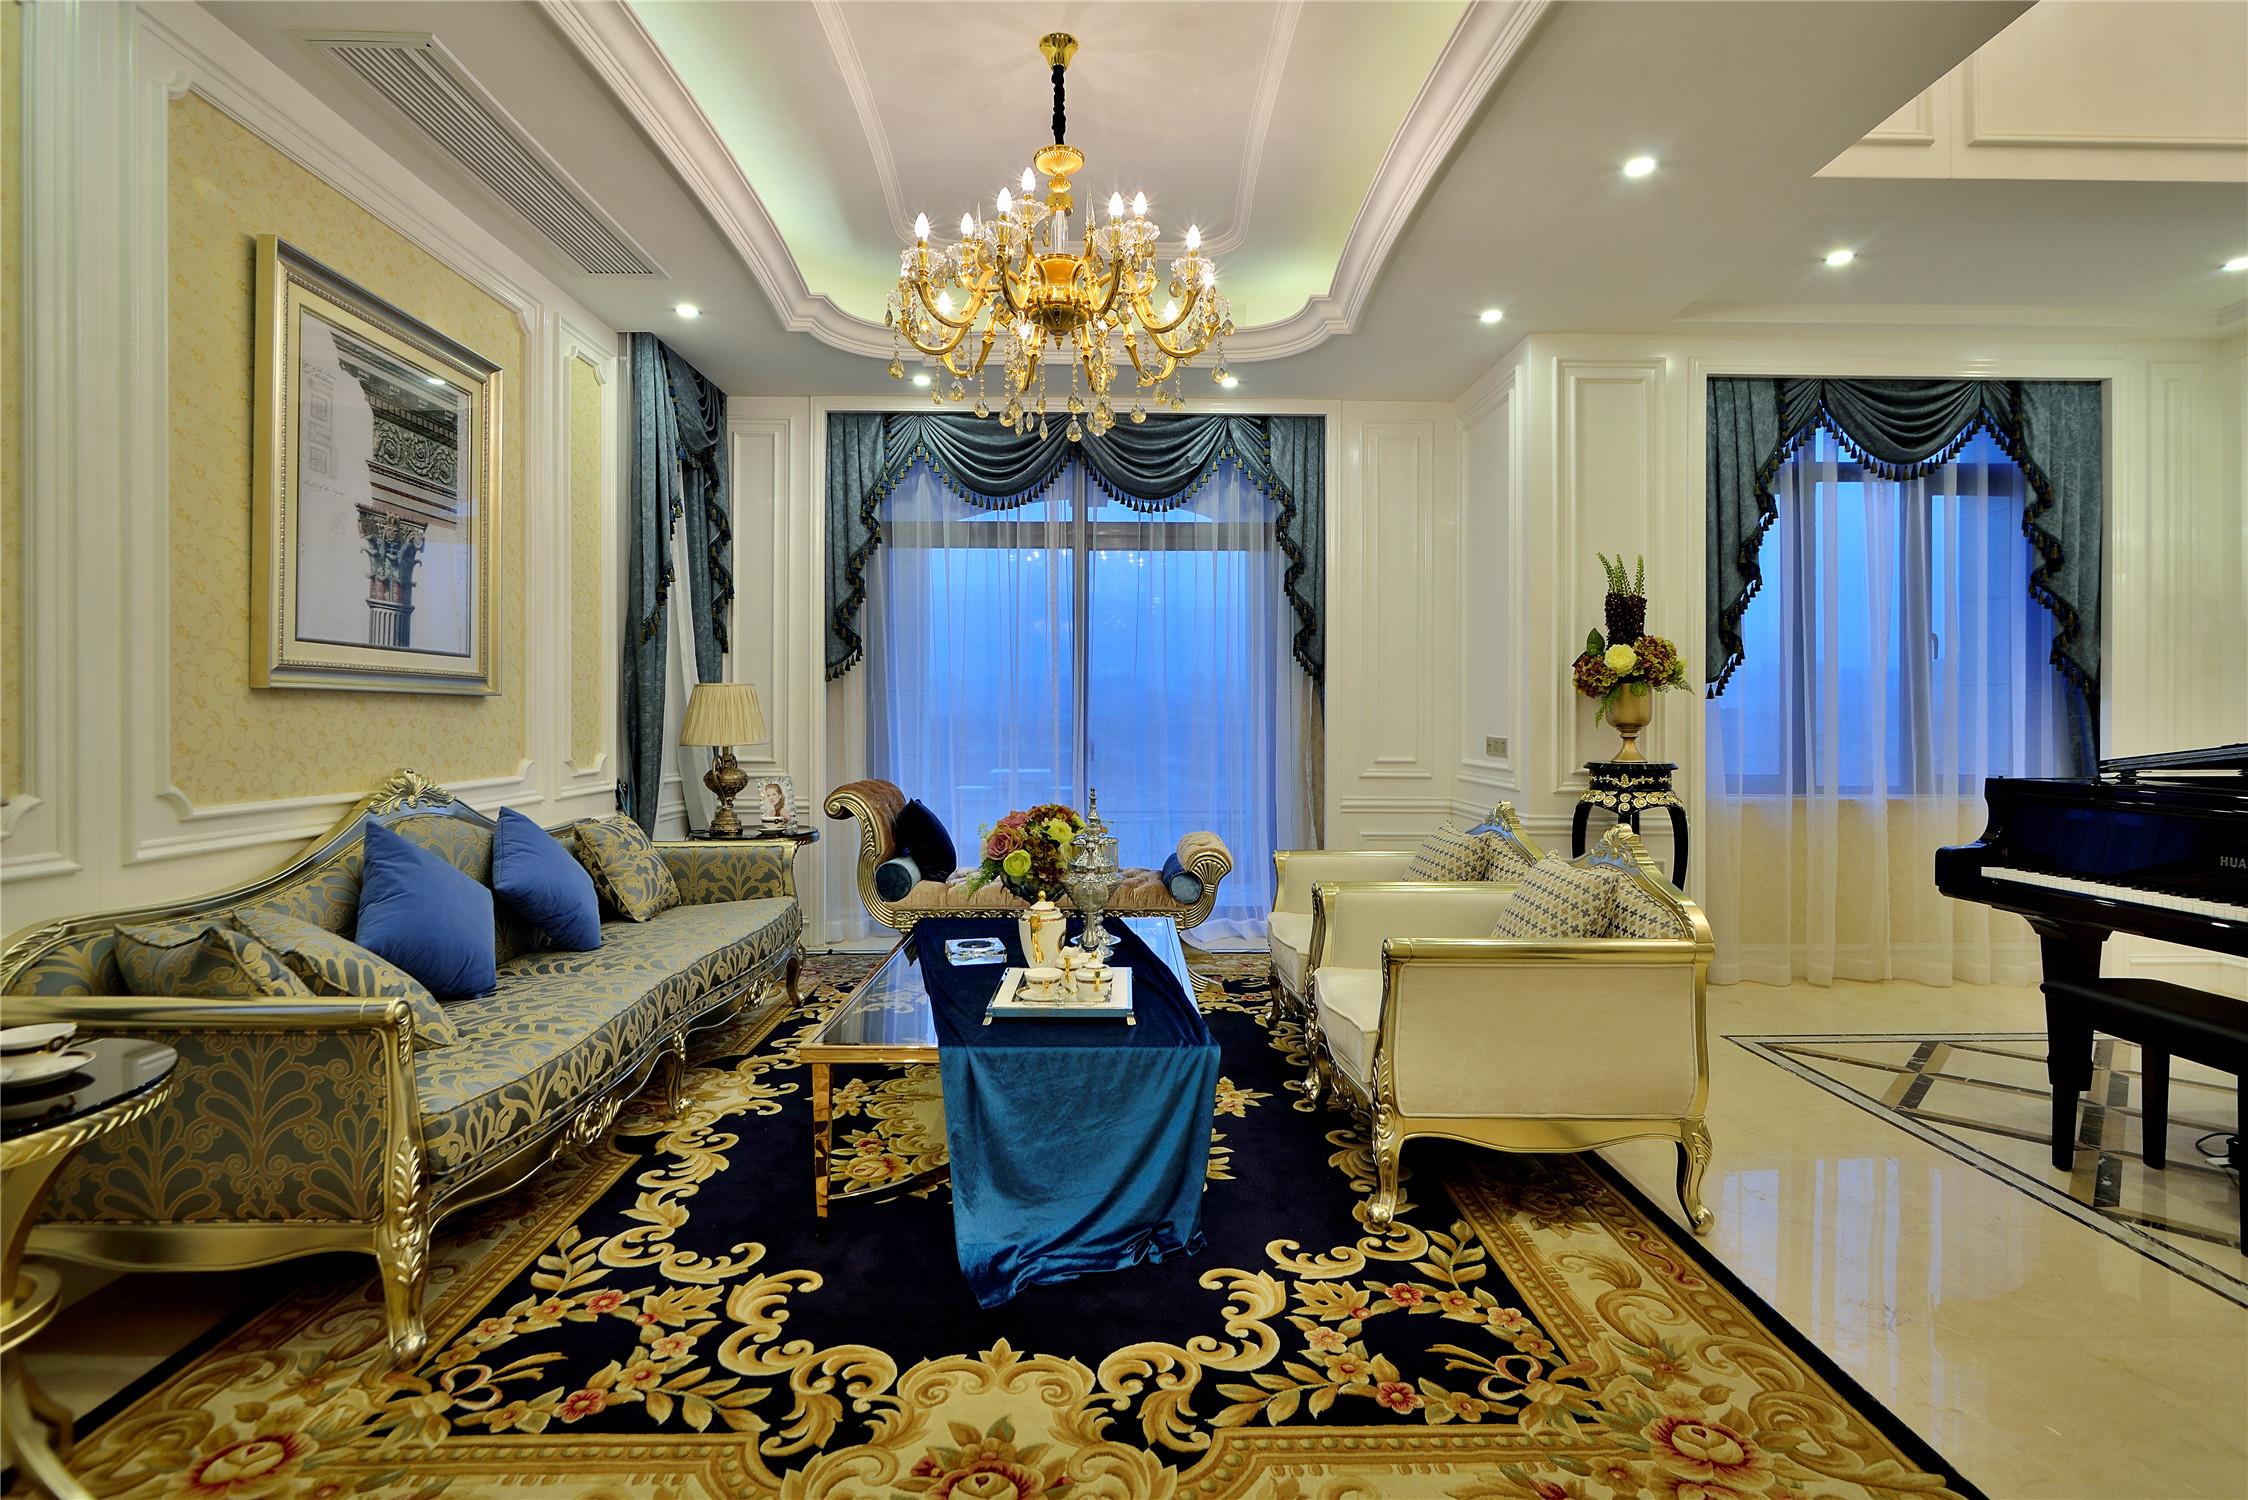 法式别墅装修客厅装潢图